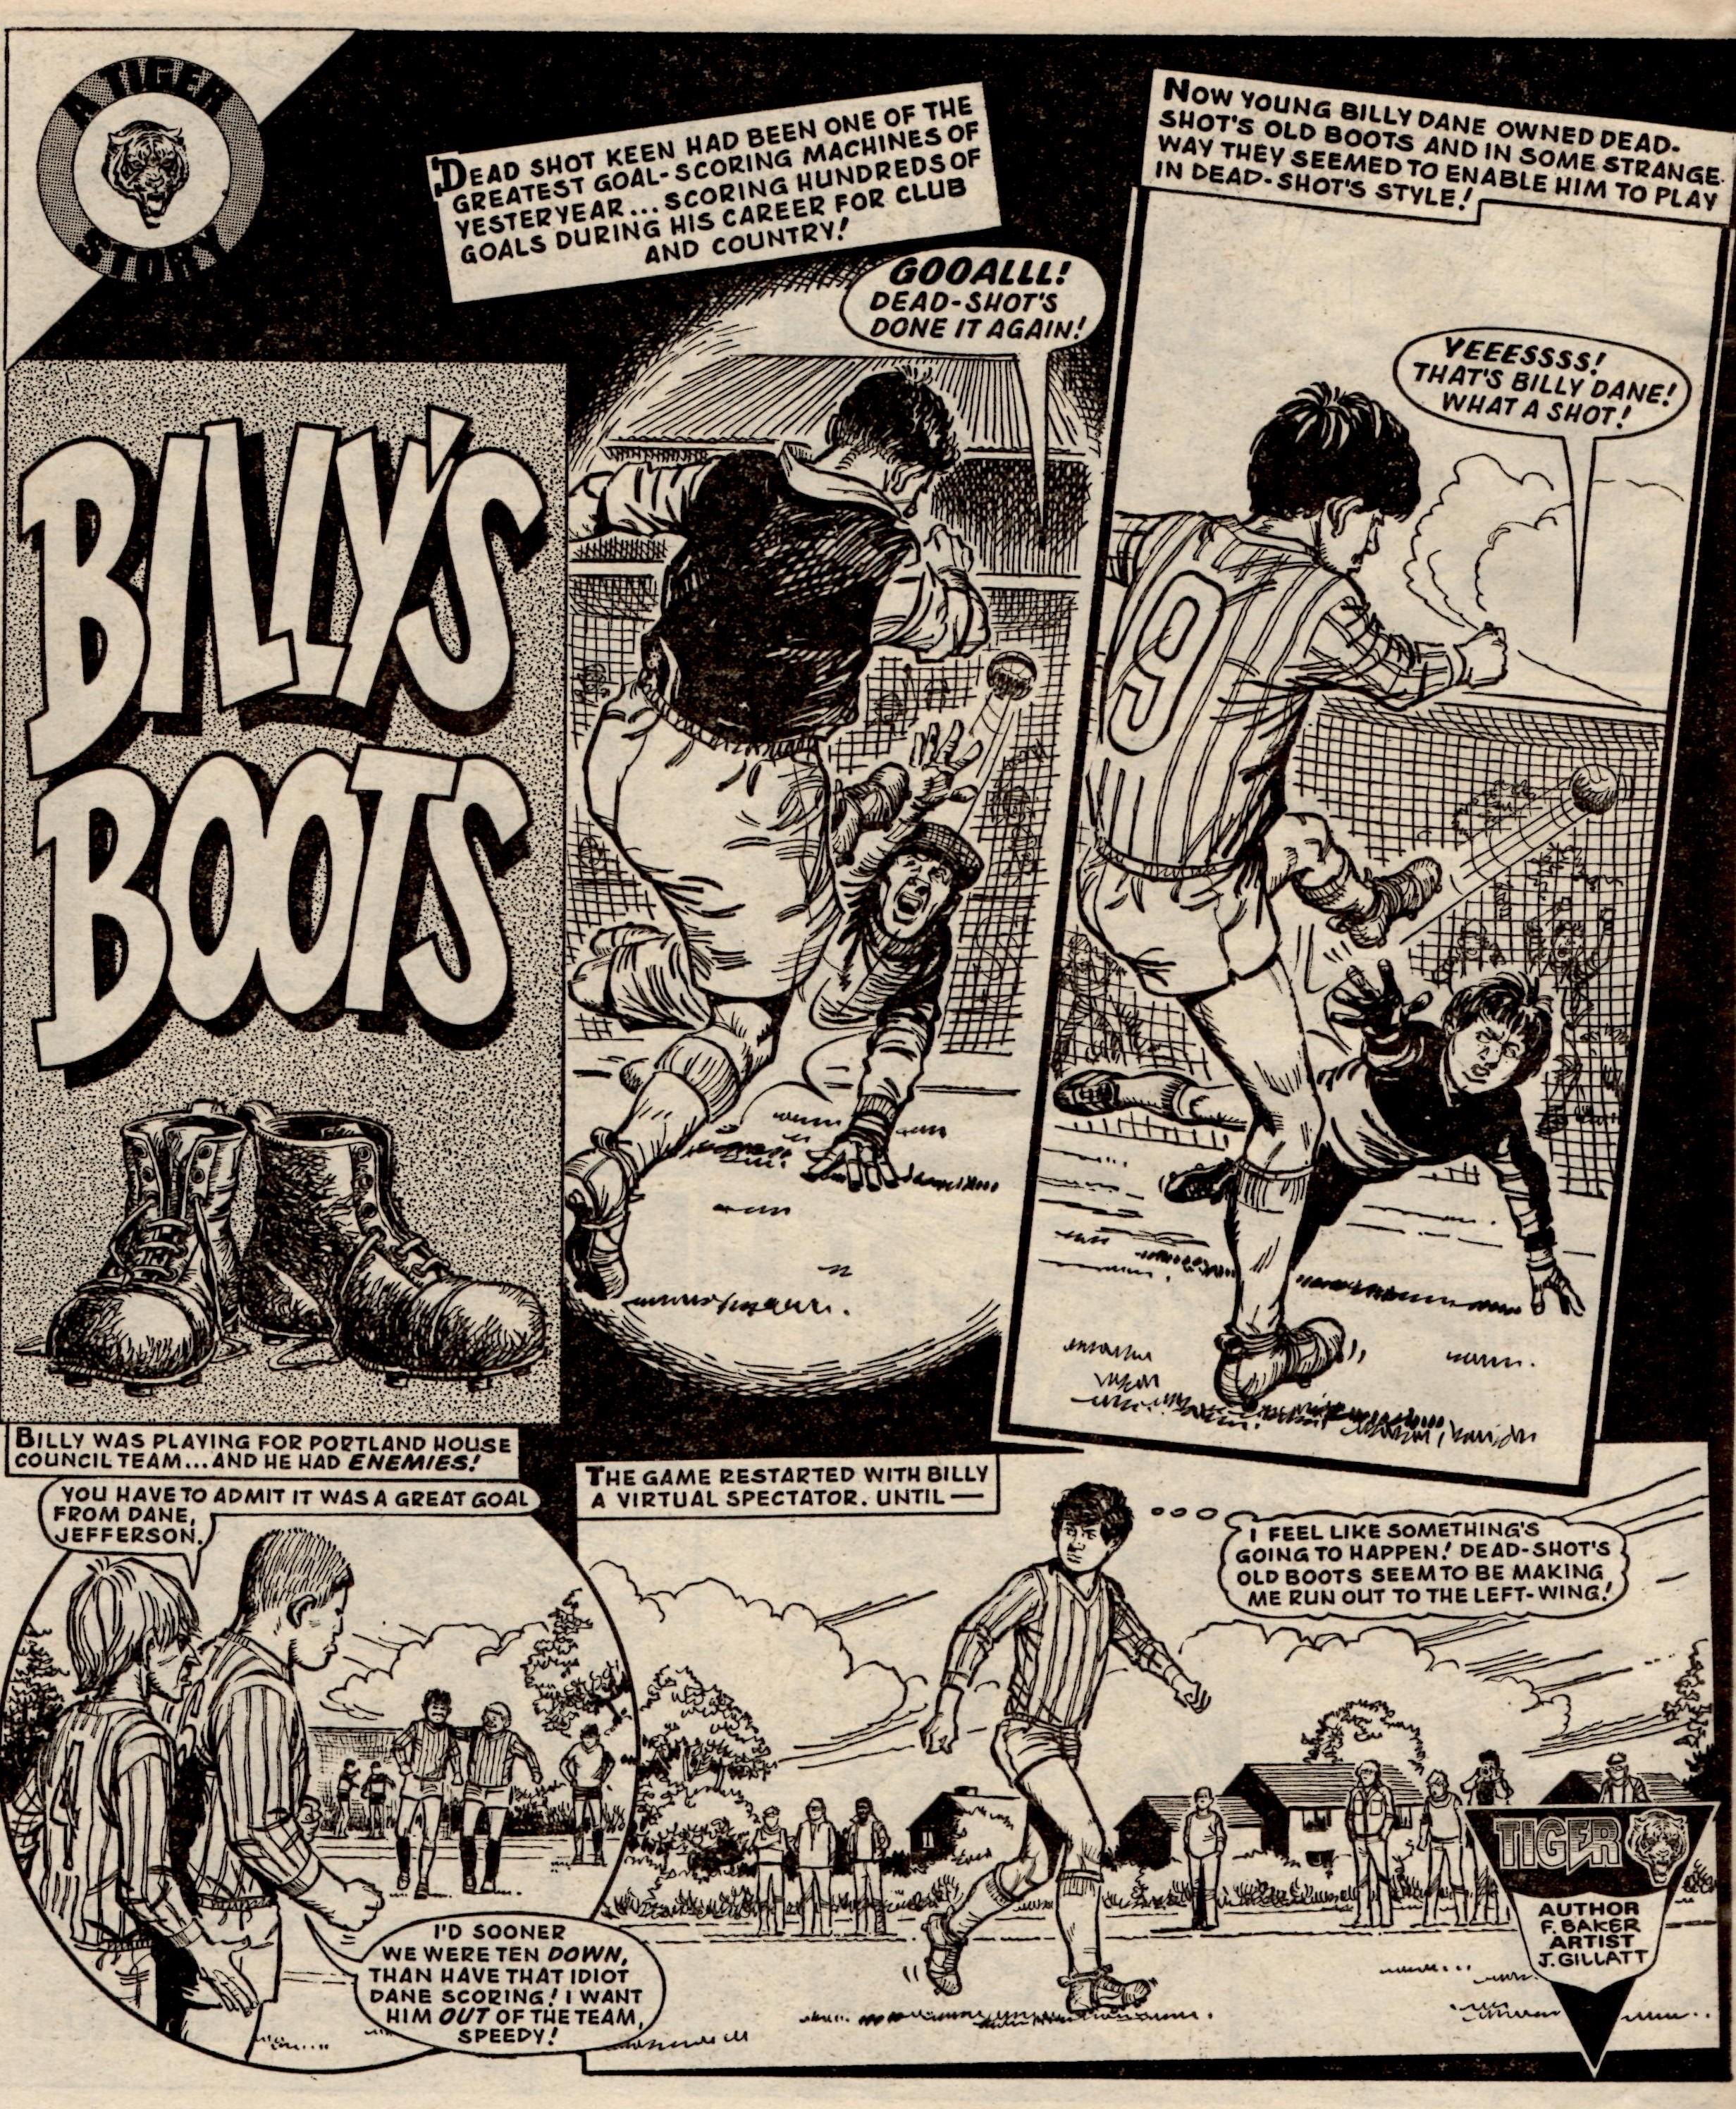 Billy's Boots: Fred Baker (writer), John Gillatt (artist)